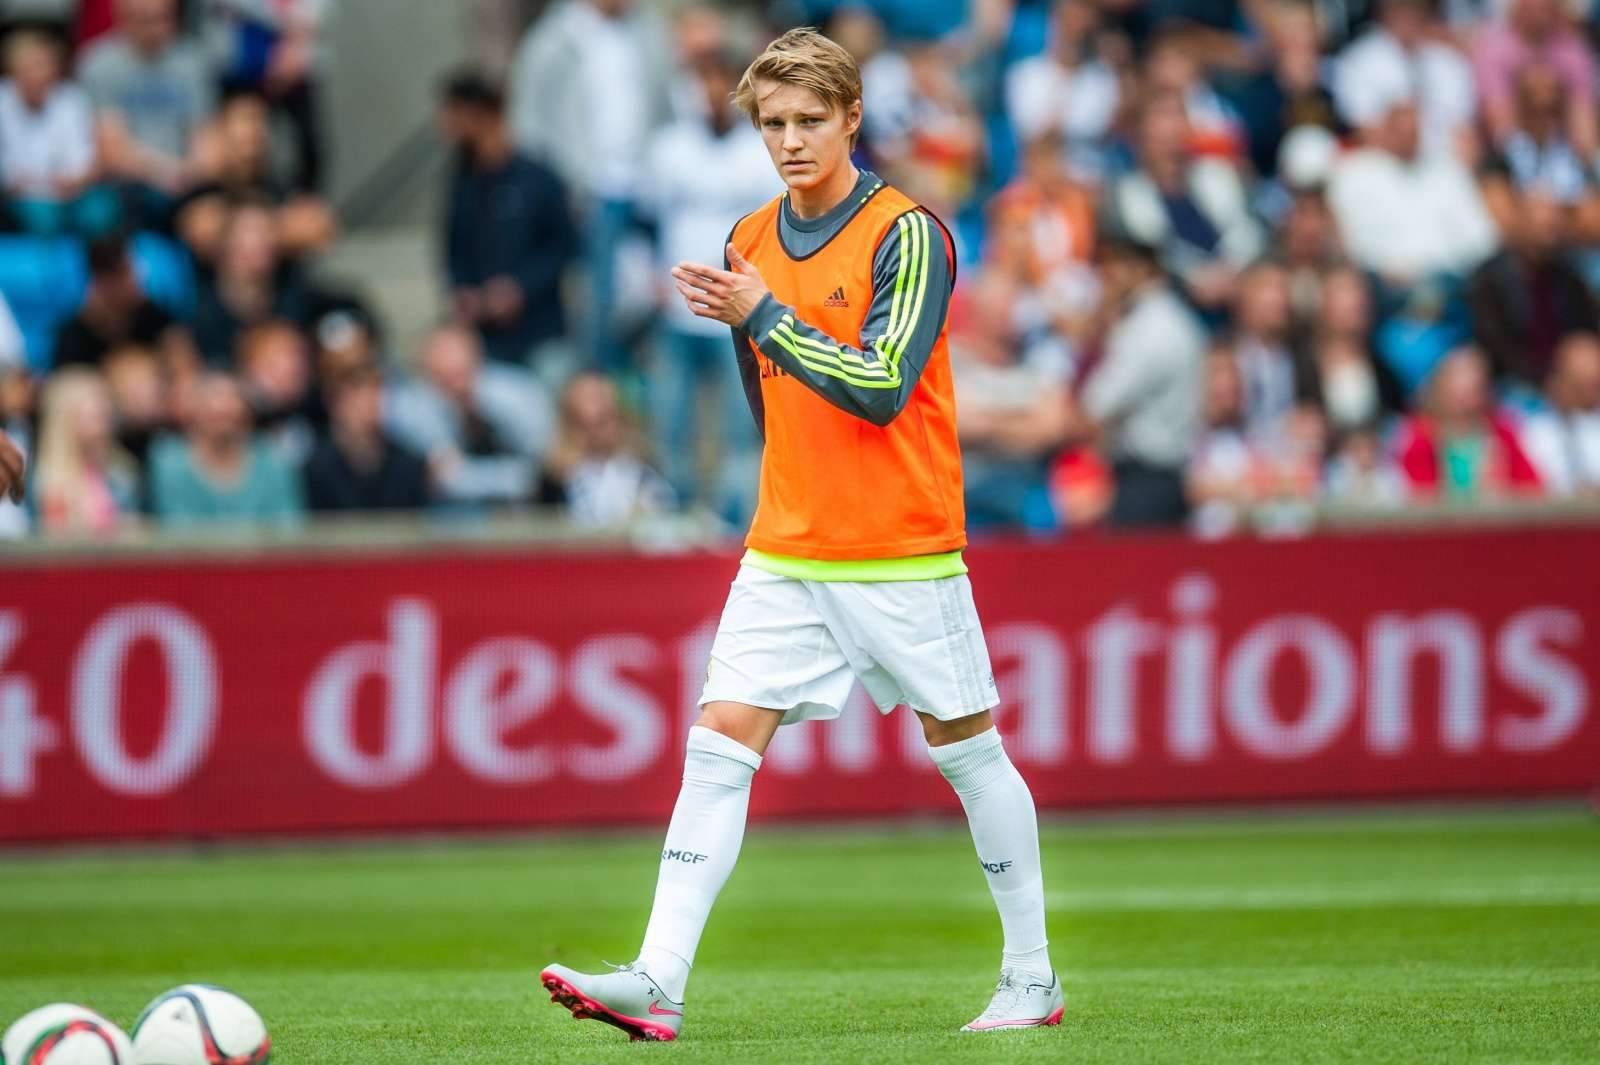 Эдегор прибыл в Лондон для подписания контракта с «Арсеналом»